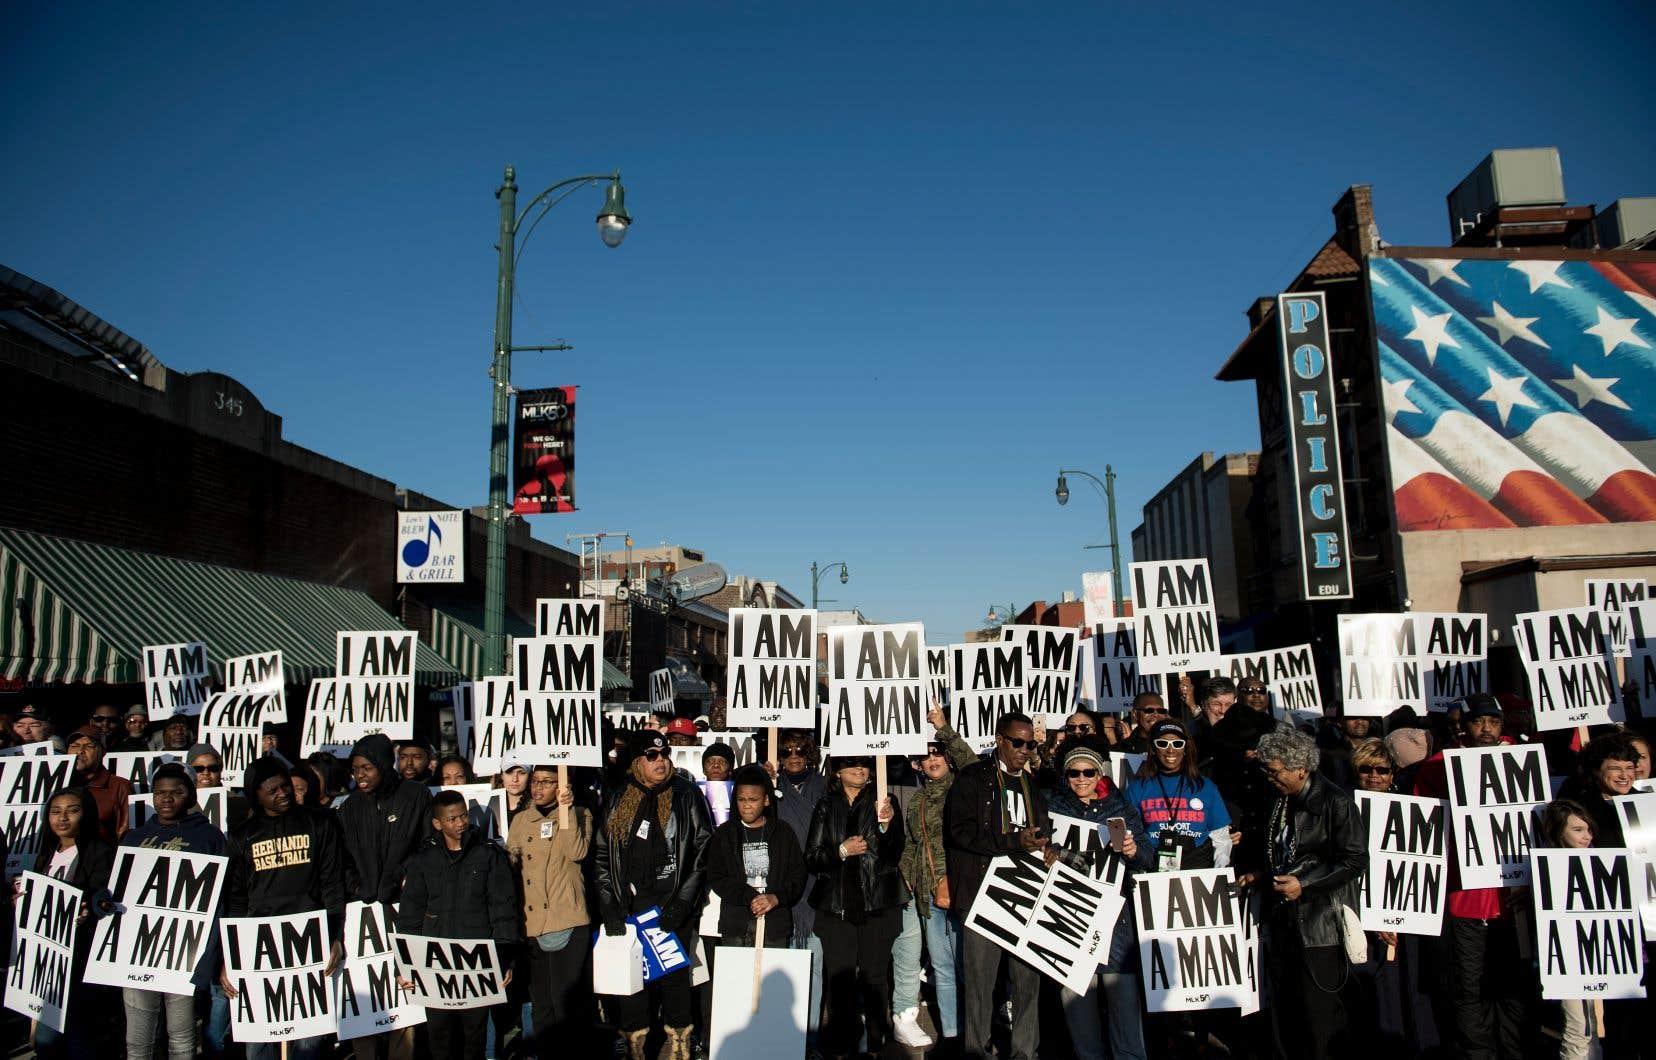 Un rassemblement en hommage à Martin Luther King, 50 ans après son assassinat, à Memphis, mercredi